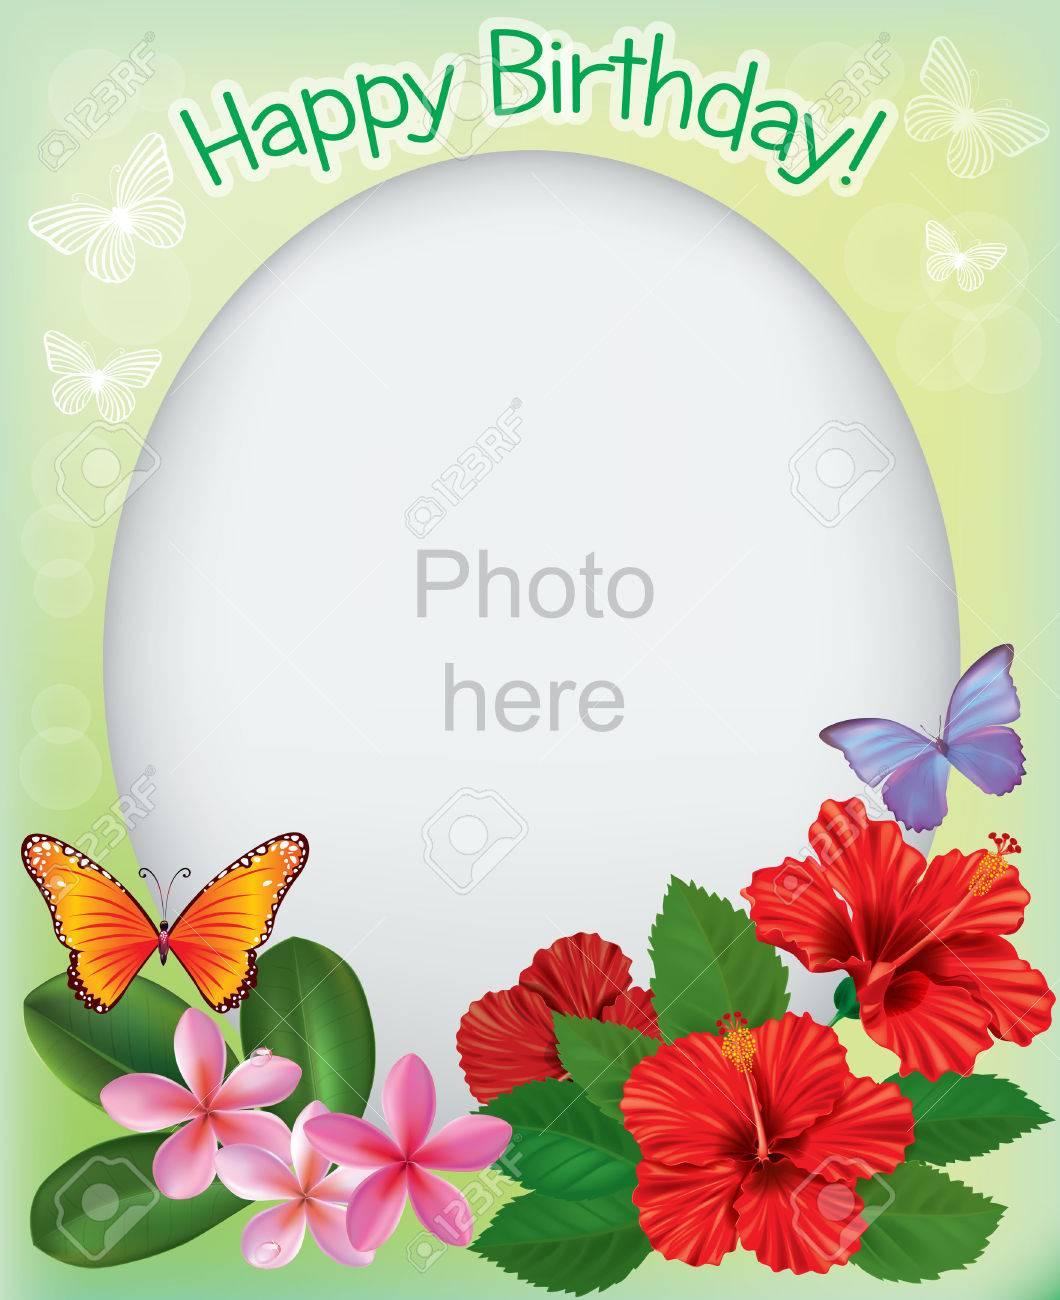 Cumpleaños Marcos Para Fotos. Contiene Los Objetos Transparentes ...